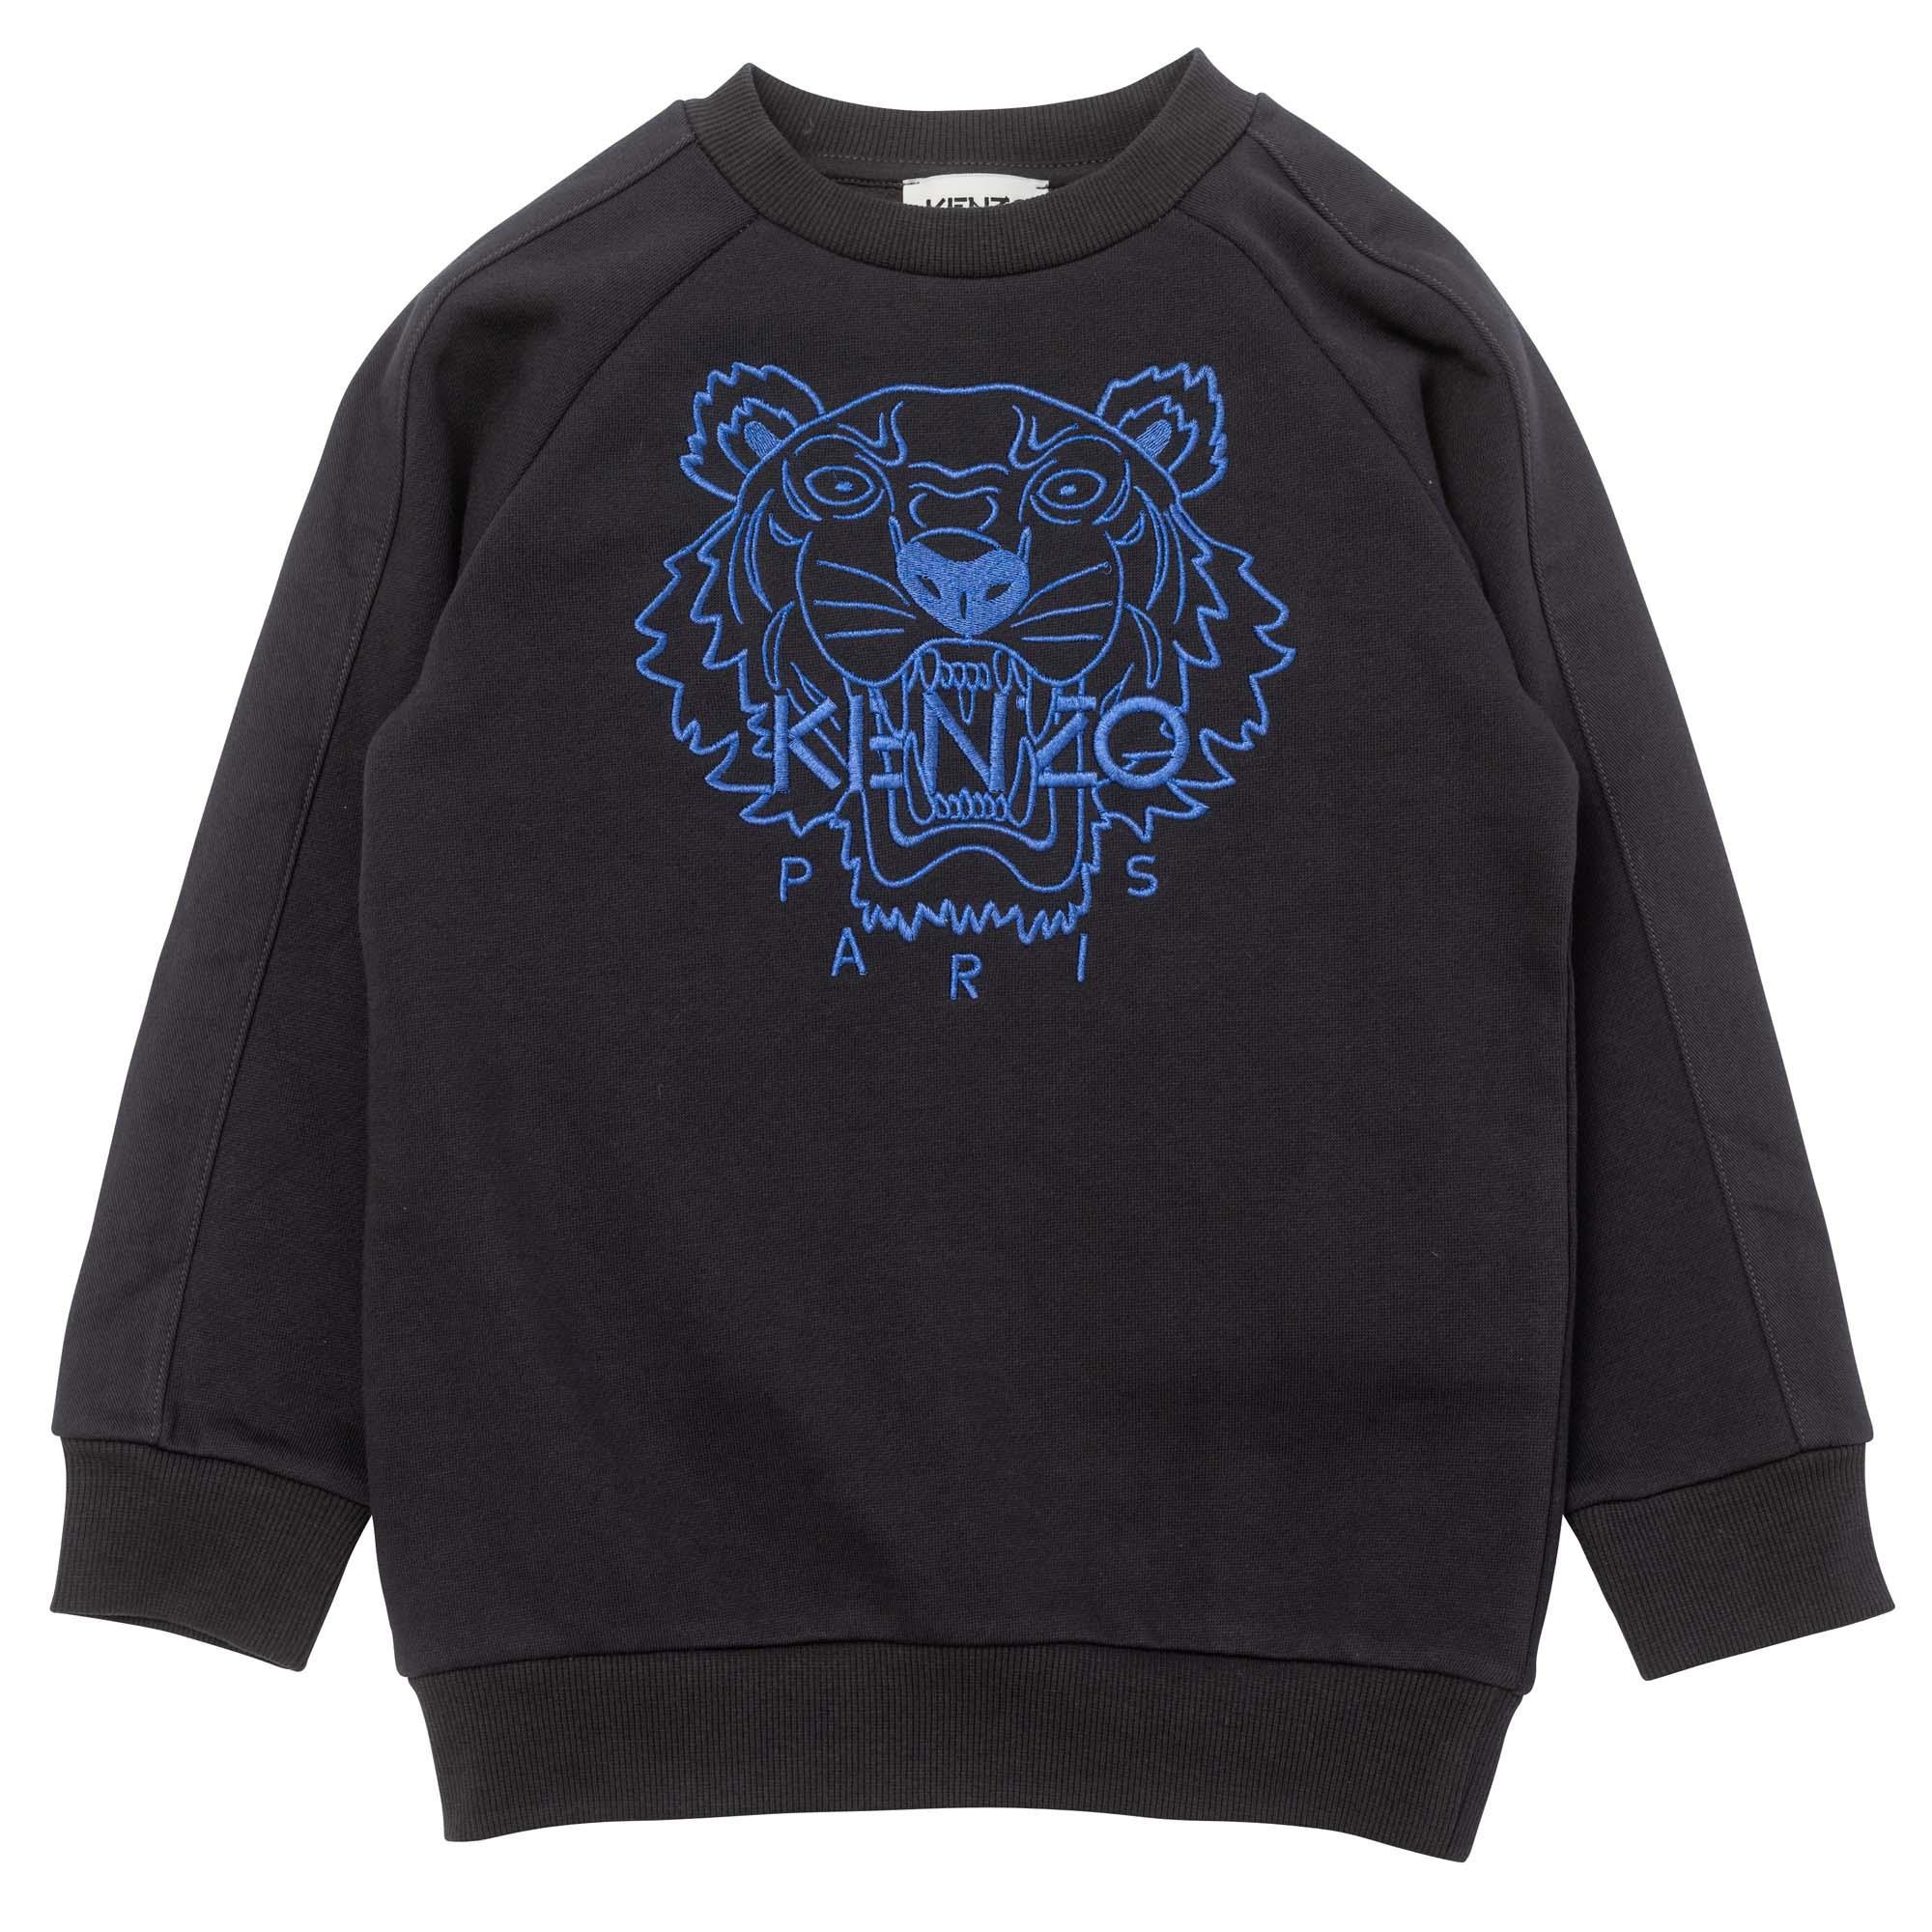 Embroidered fleece sweatshirt KENZO KIDS for BOY